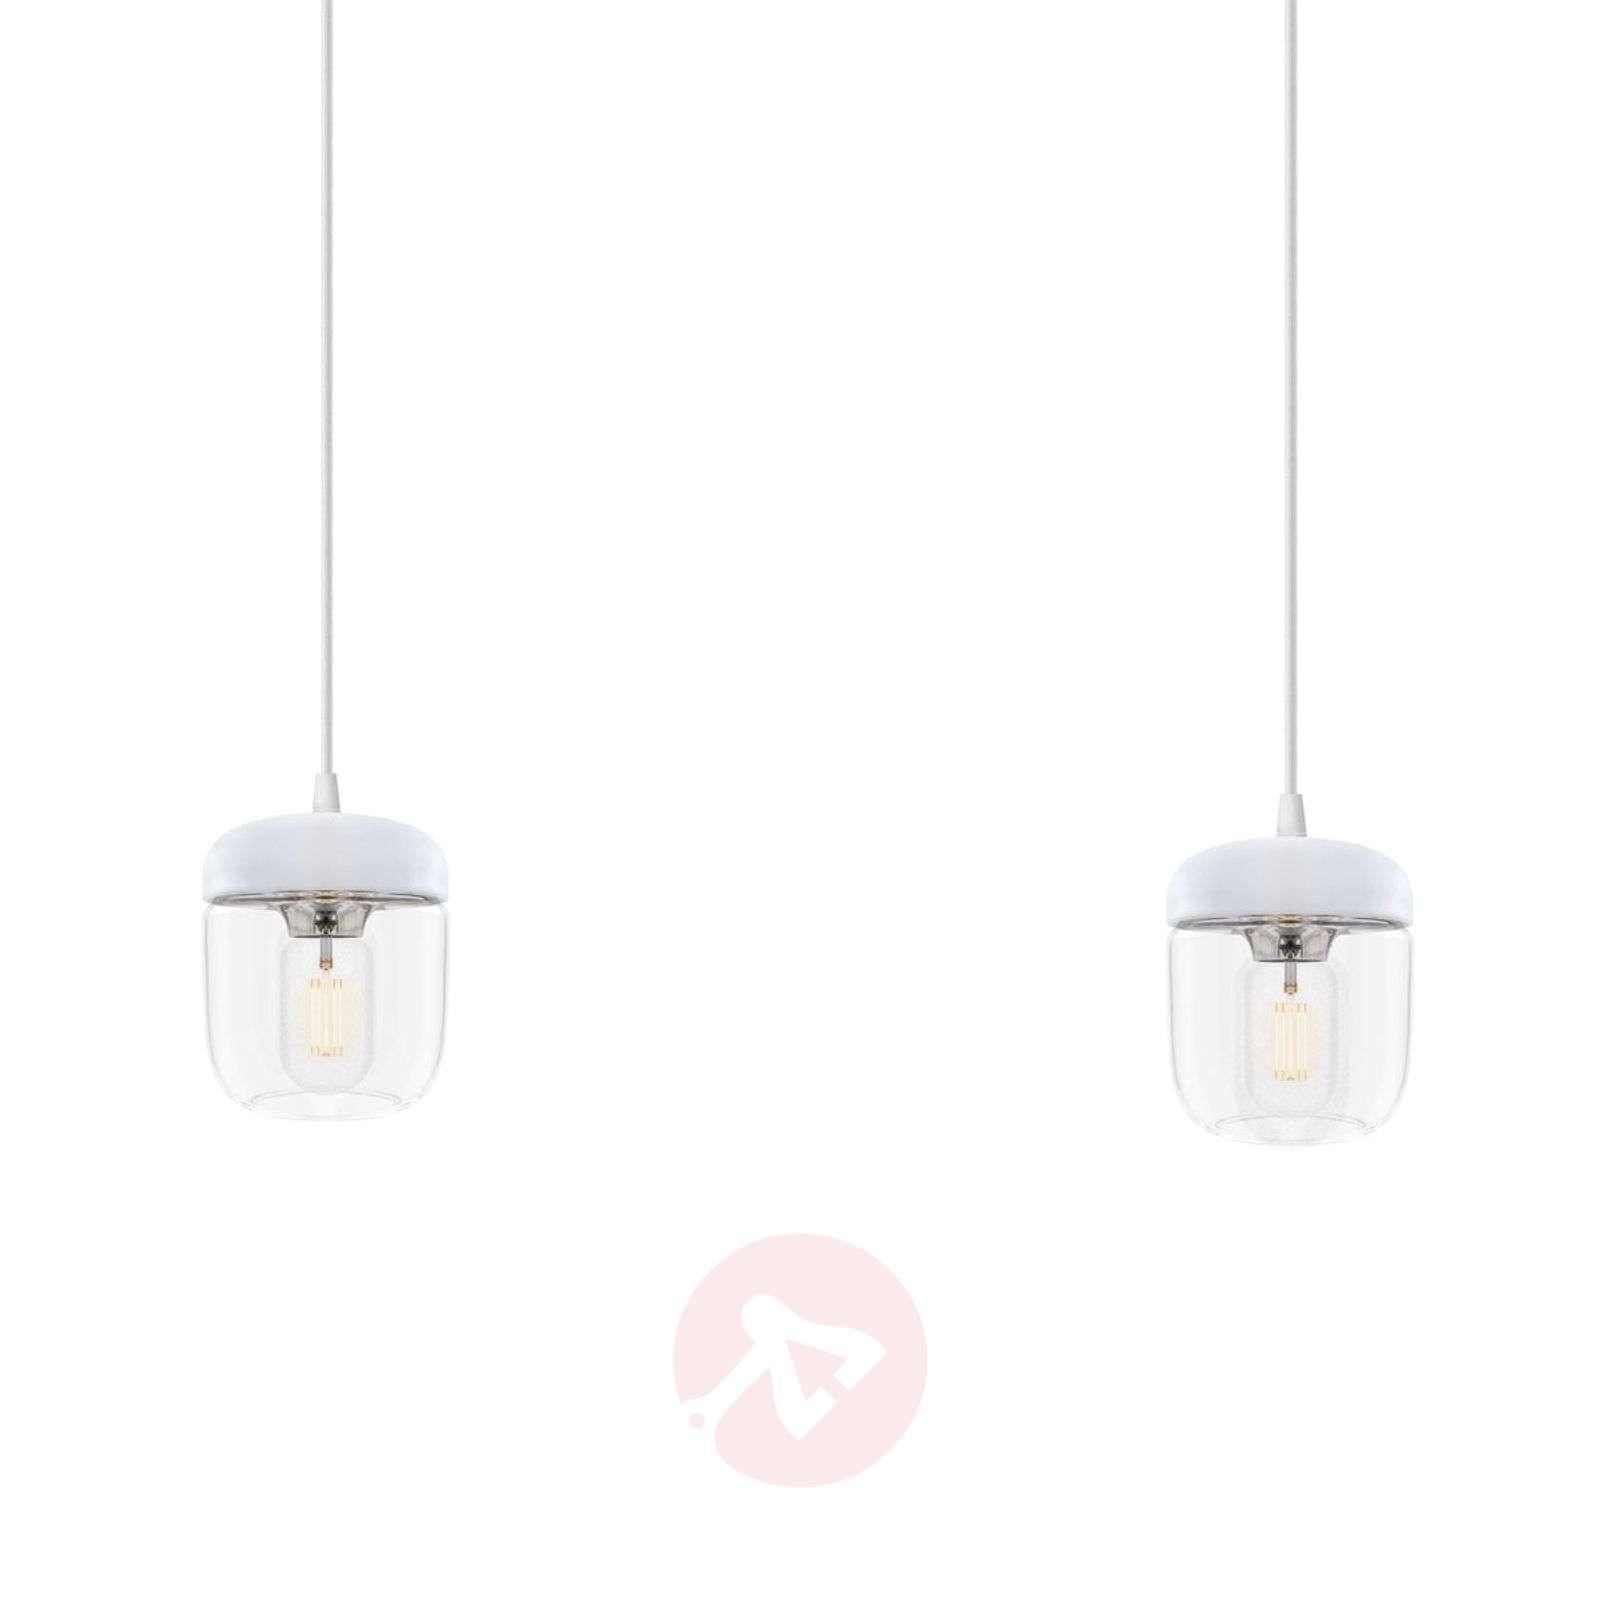 2-lamppuinen riippuvalaisin Acorn valkoinen, teräs-9521084-01